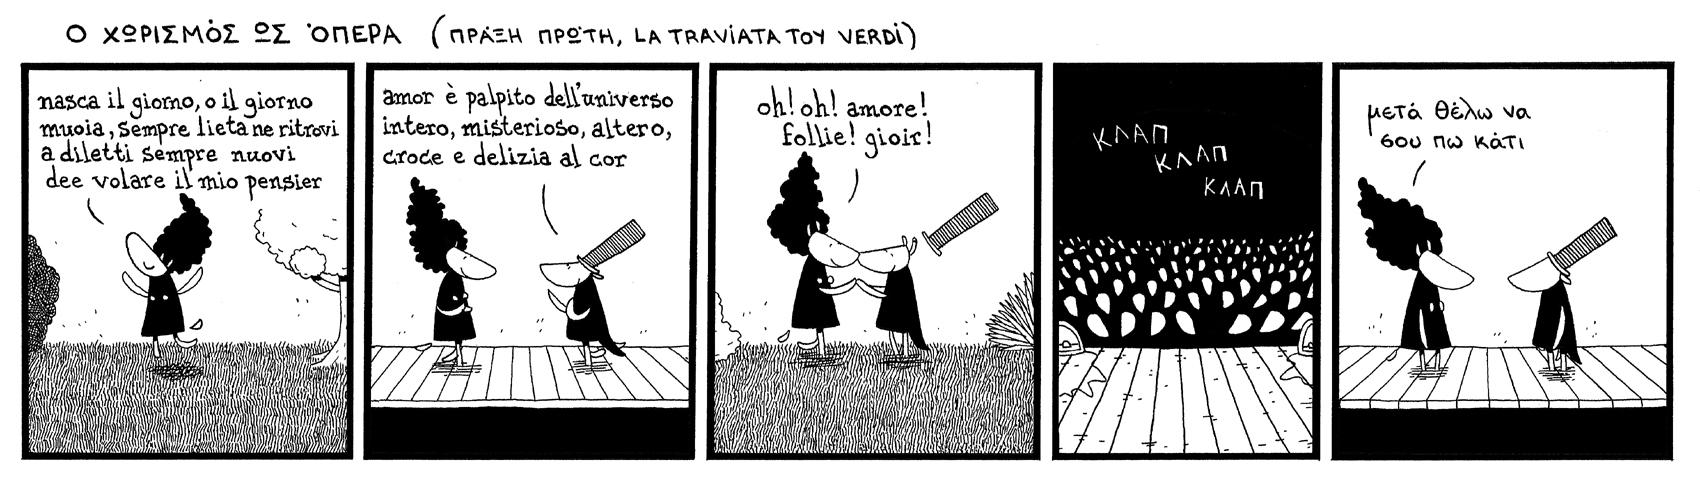 opera_